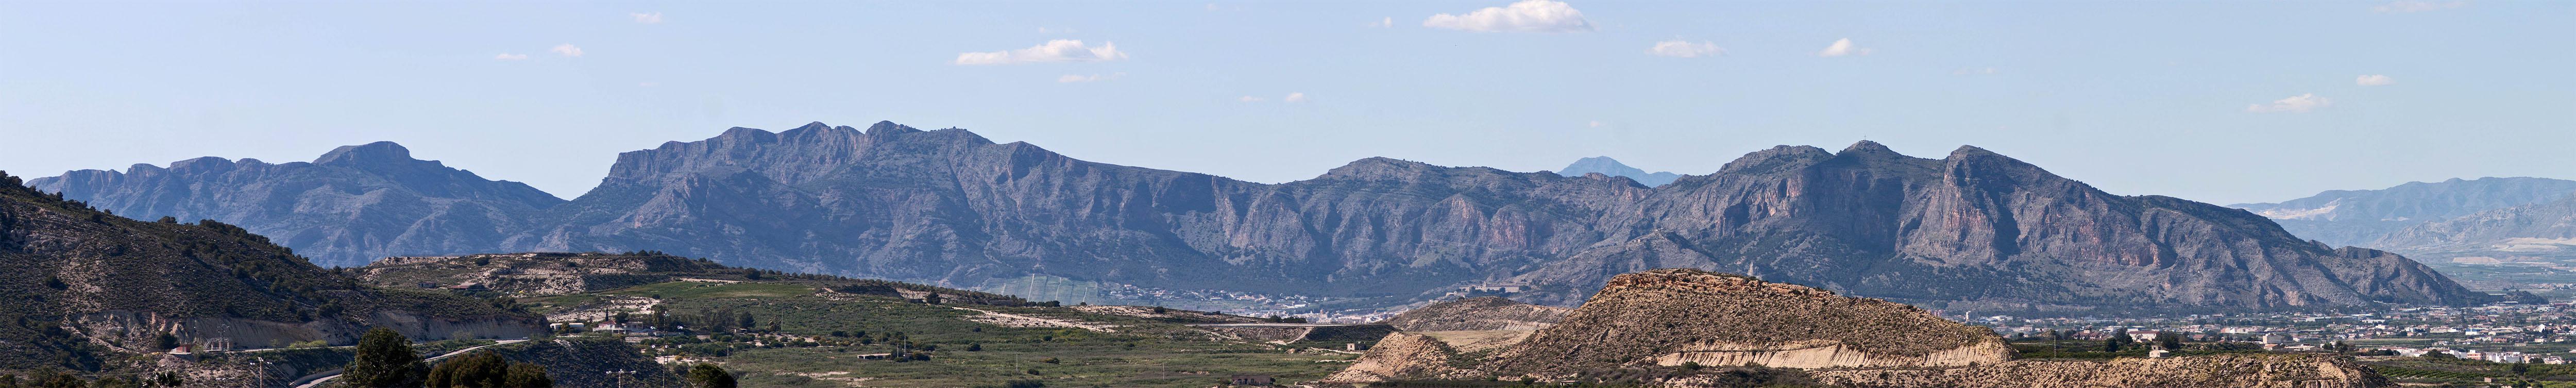 Vista de la Sierra de Orihuela desde el Embalse de la Pedrera.